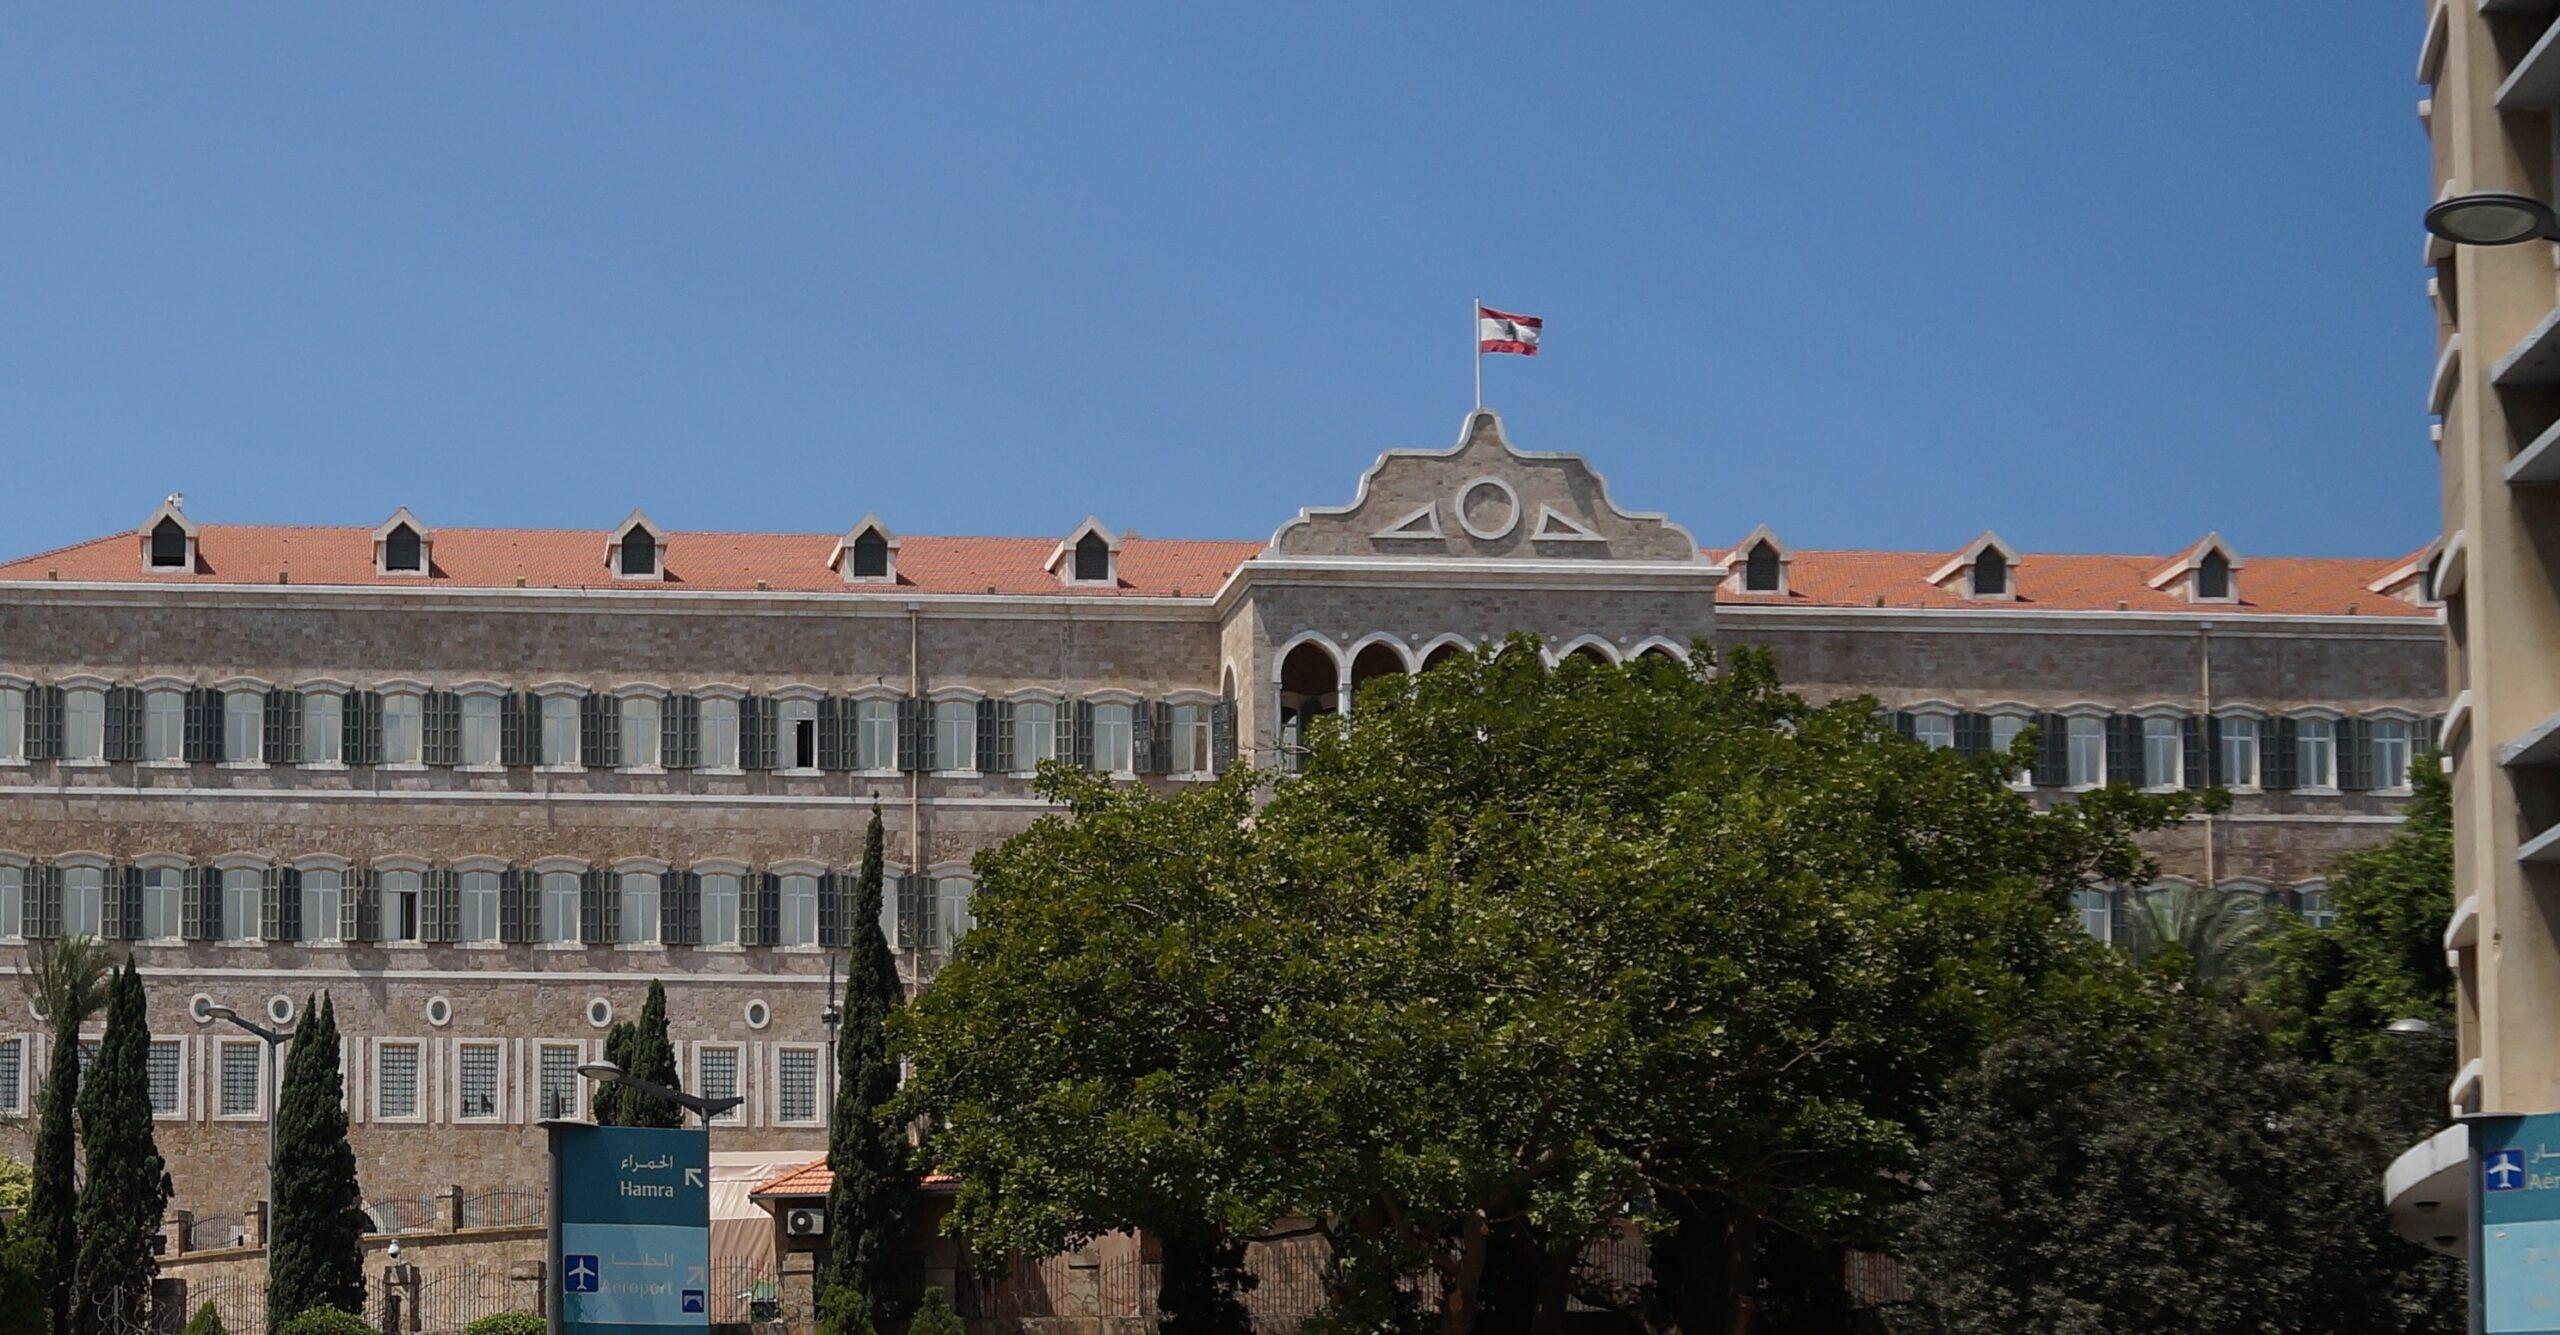 تعطيل مجلس الوزراء في لبنان: إخلال بمدأ الديمومة؟